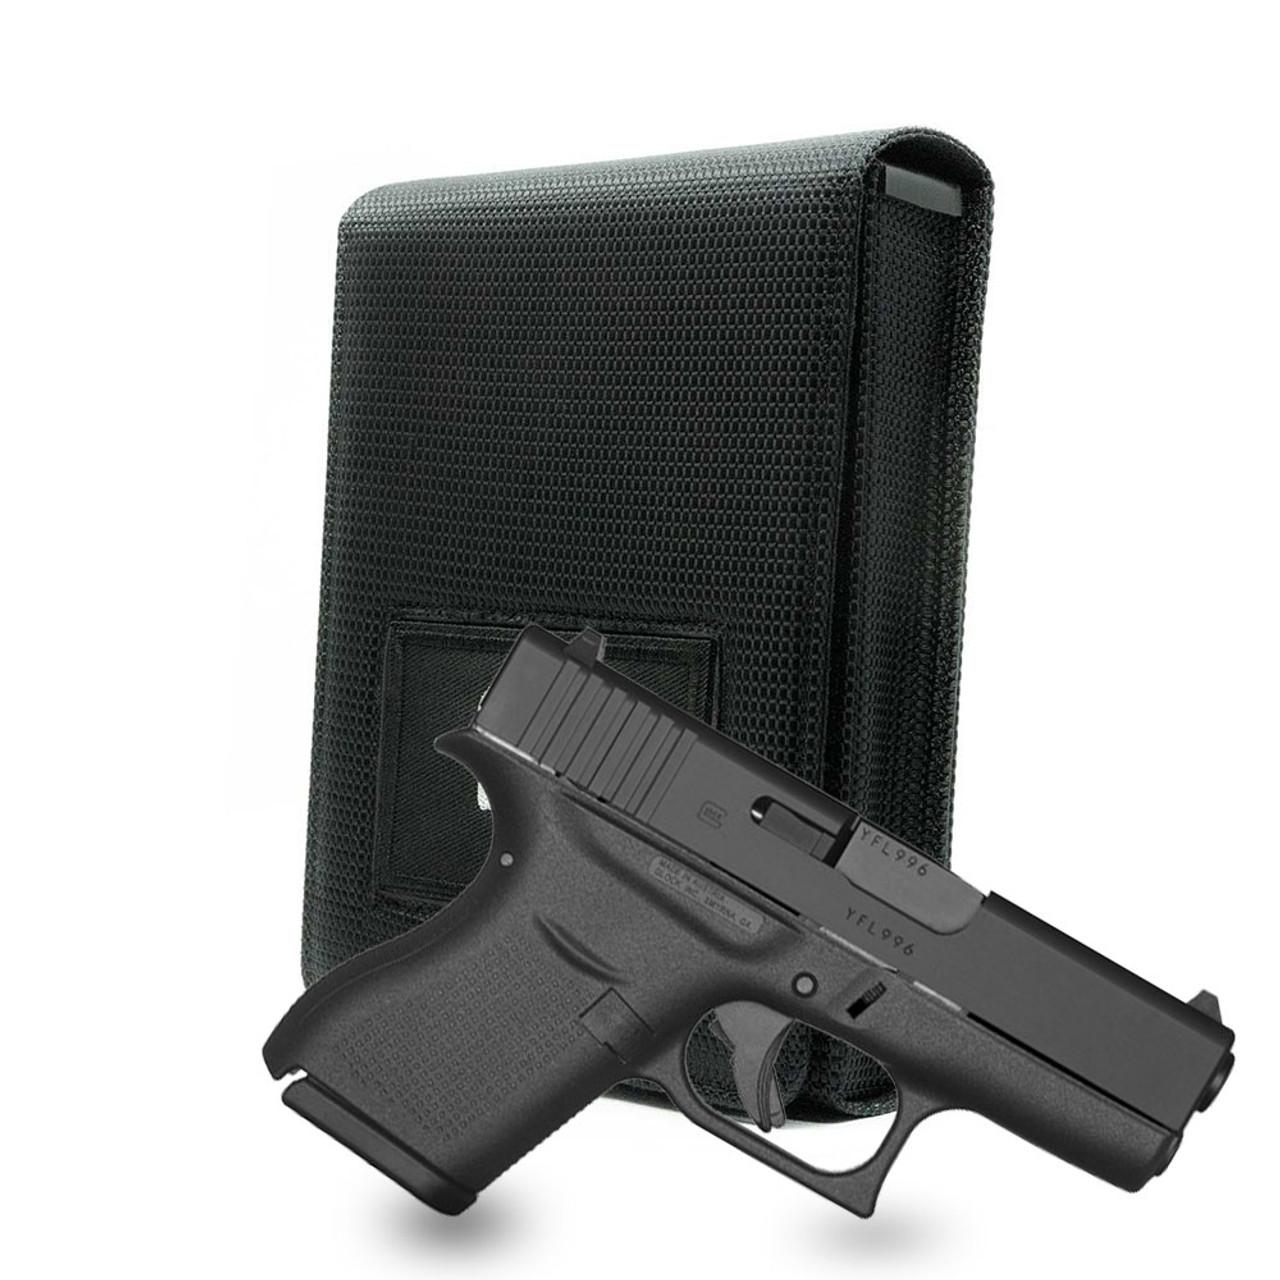 Glock 43 Skull Holster